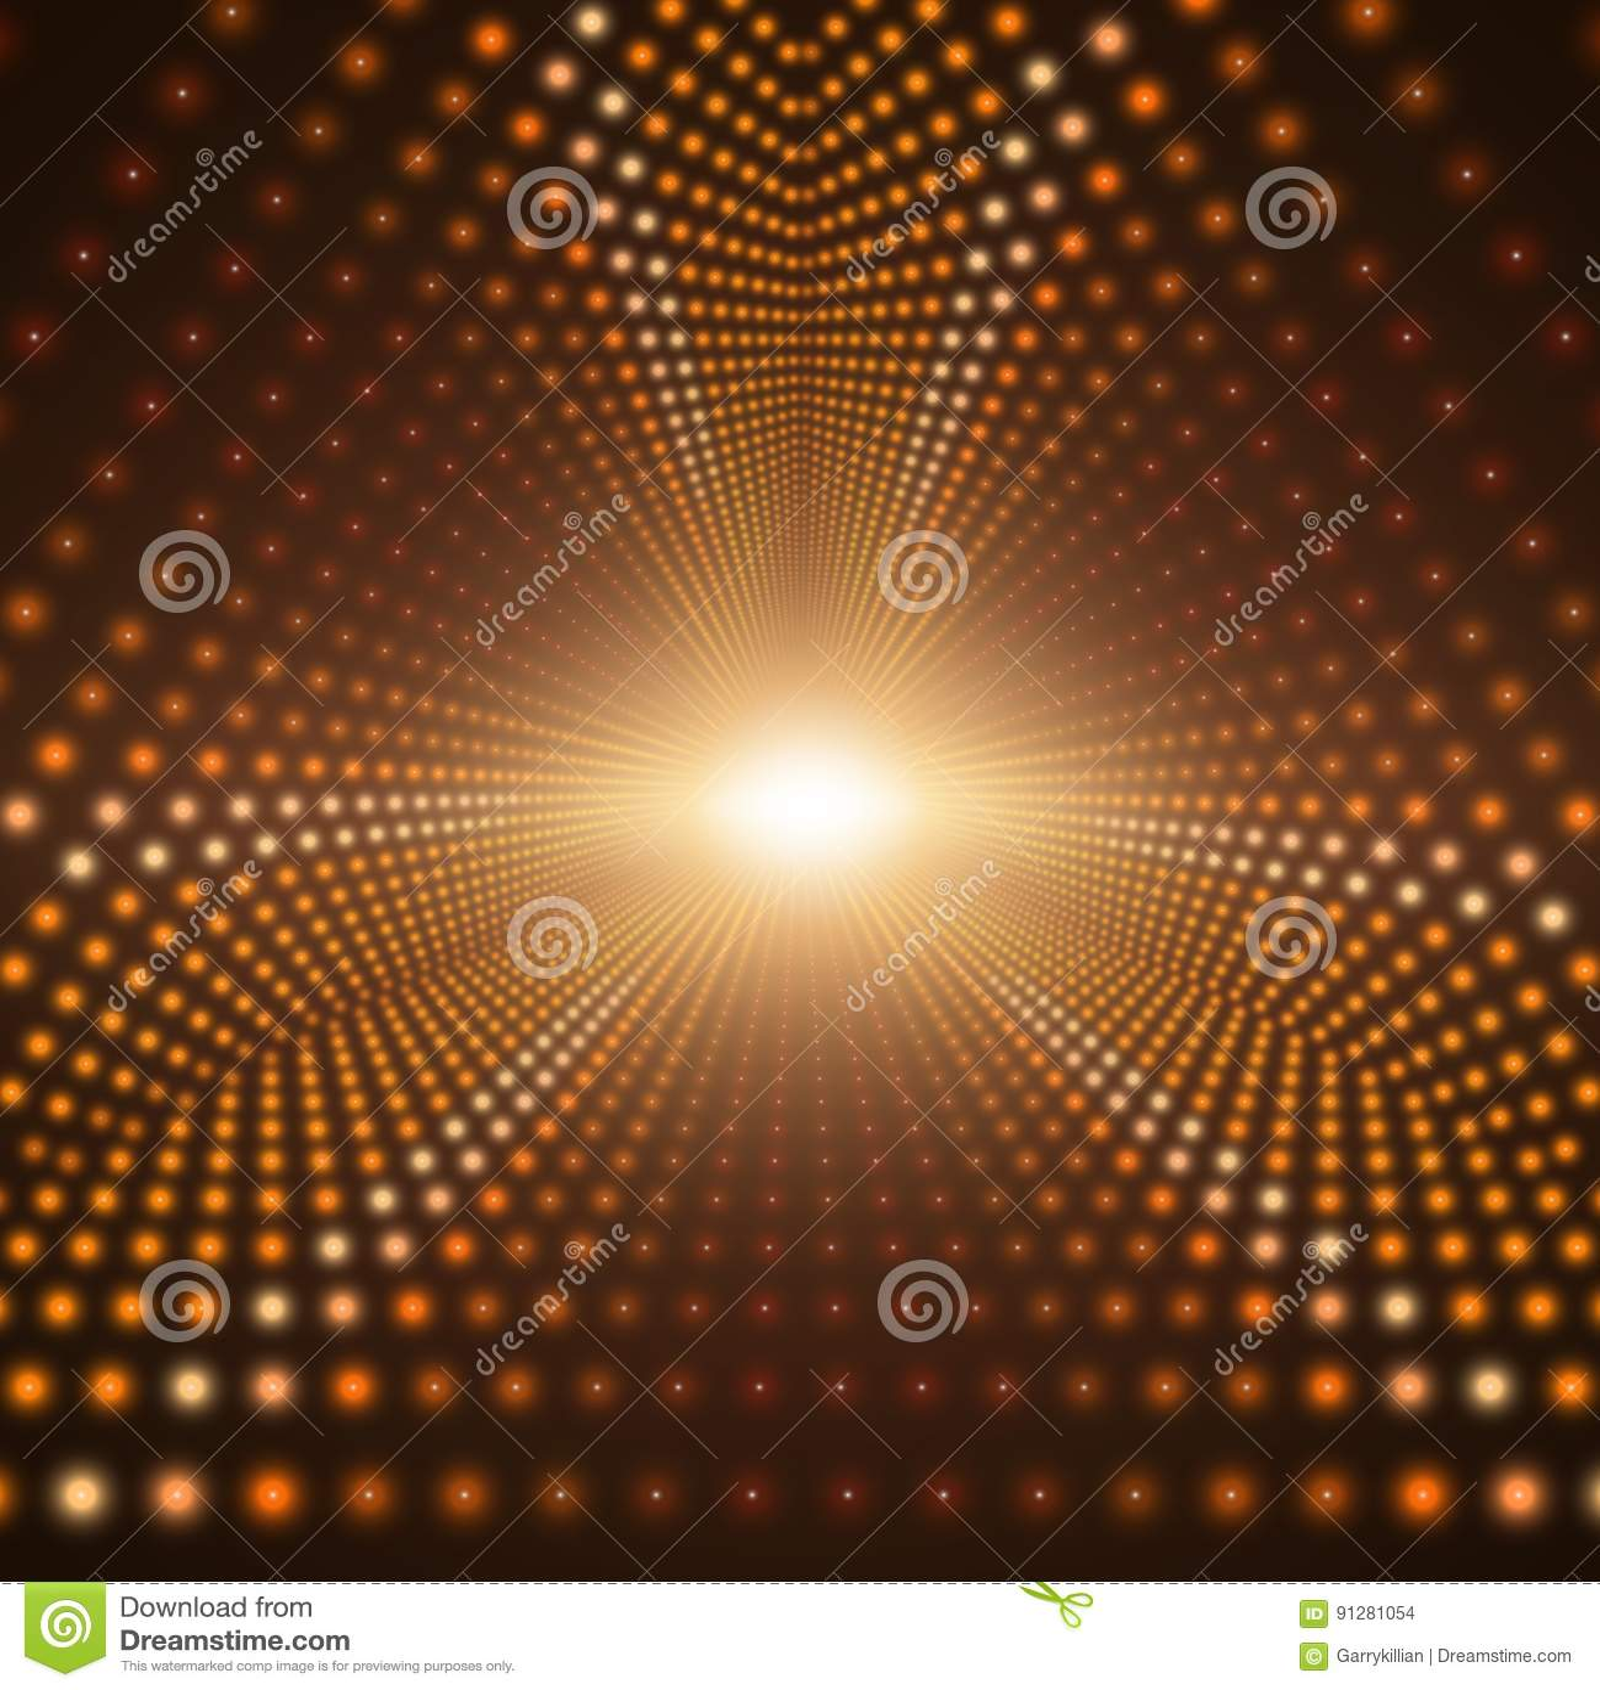 Blossar den oändliga triangulära tunnelen för vektorn av att skina på brun bakgrund Glödande sektorer för punktformtunnel